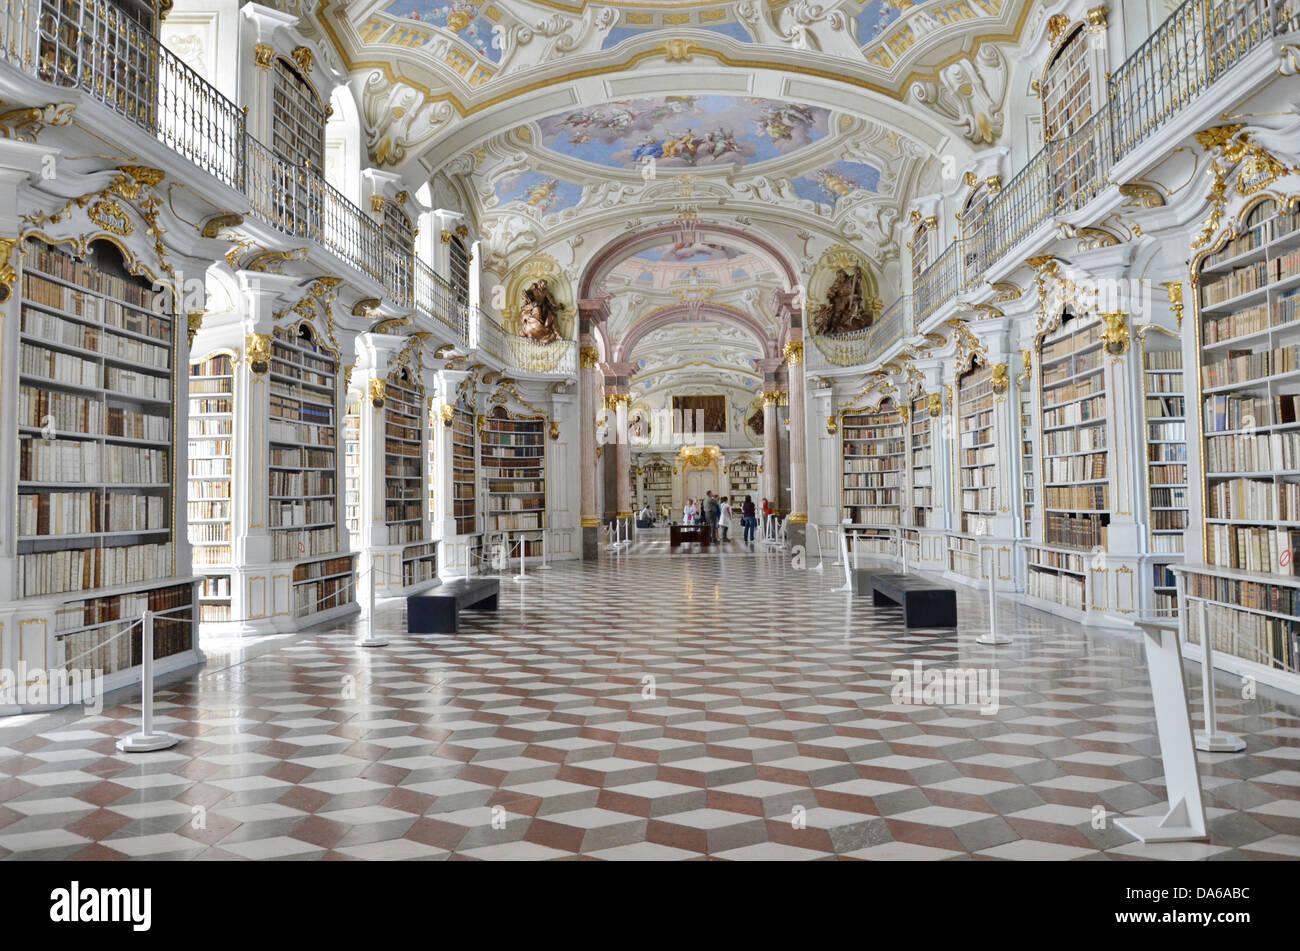 Die Admonter Abtei Bibliothekssaal ist bekannt für seine barocke Architektur und Sammlungen von Kunst und Handschriften. Stockbild